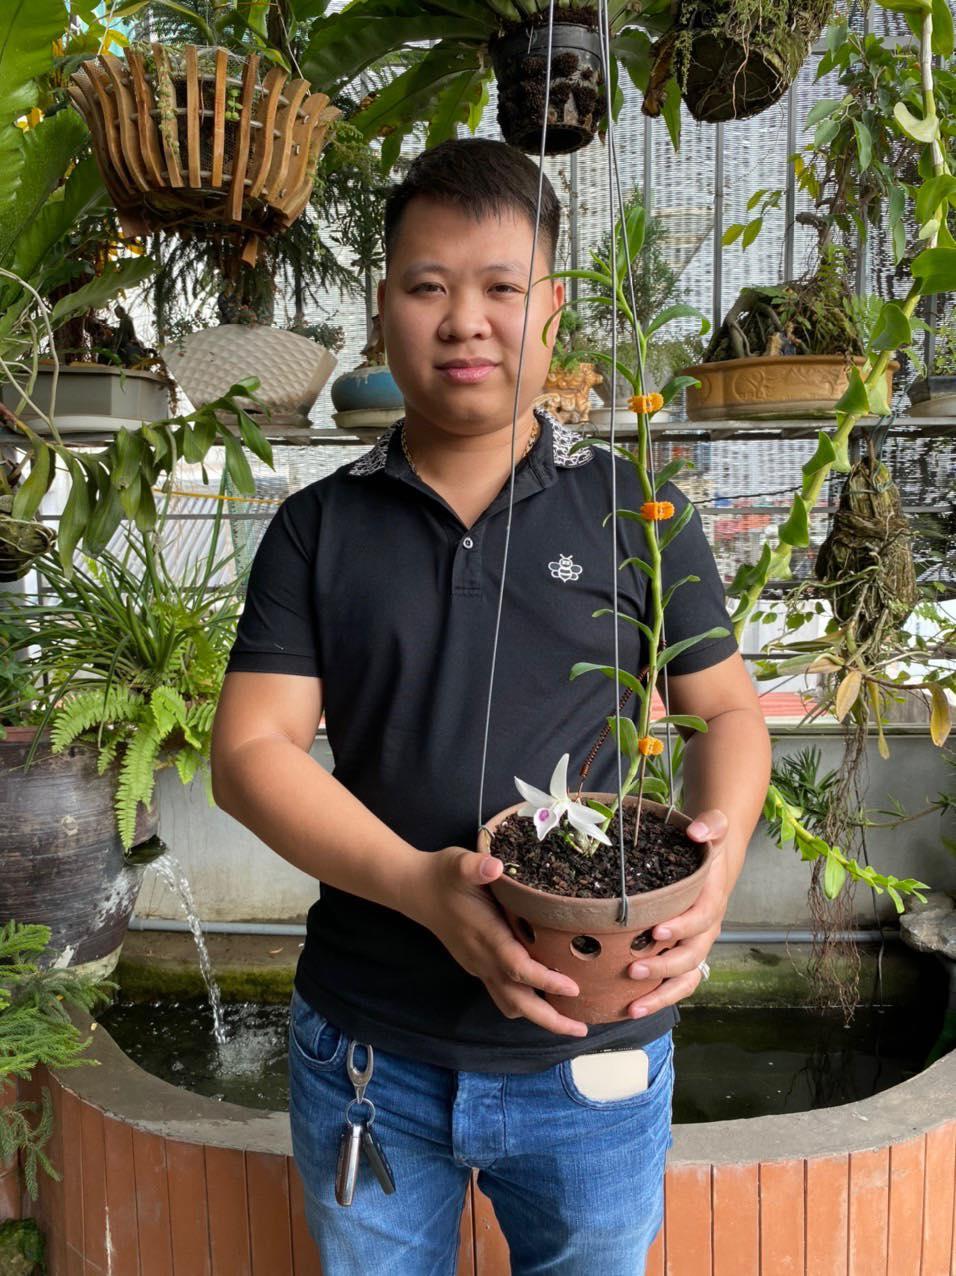 Chàng trai 9X gốc Hà Nam và tình yêu lớn dành cho loài hoa lan - Ảnh 1